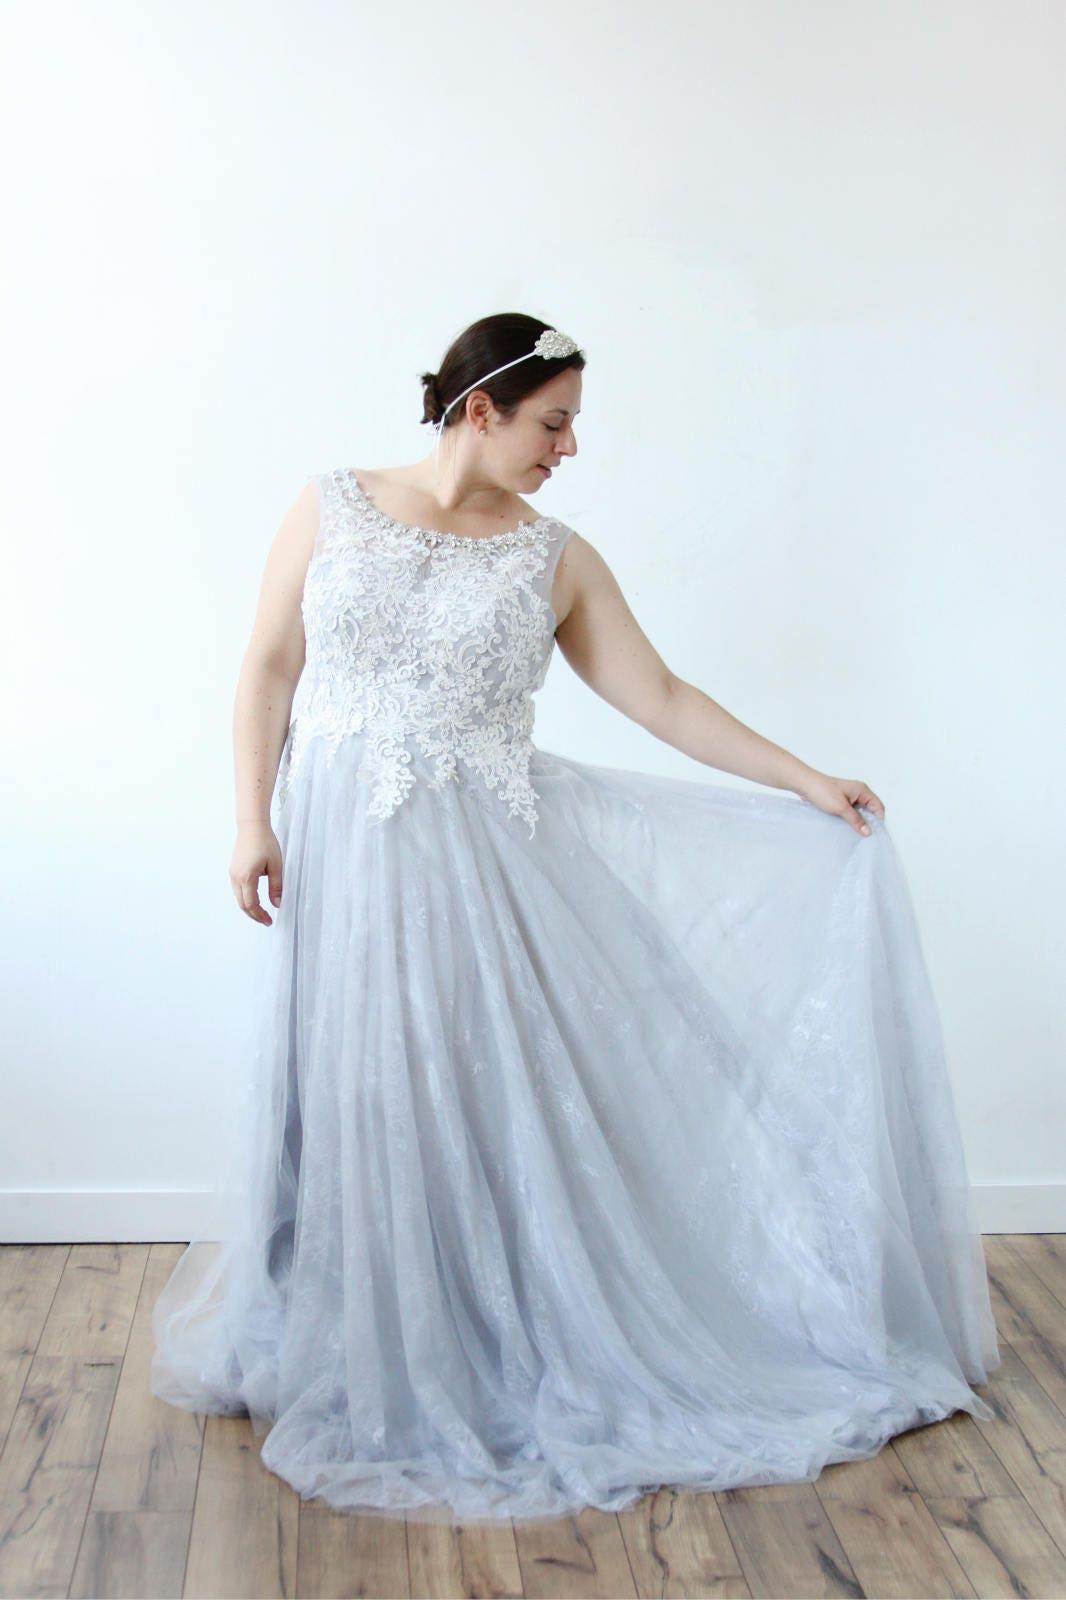 Weiße Spitze funkeln Kragen grau blau Hochzeitskleid